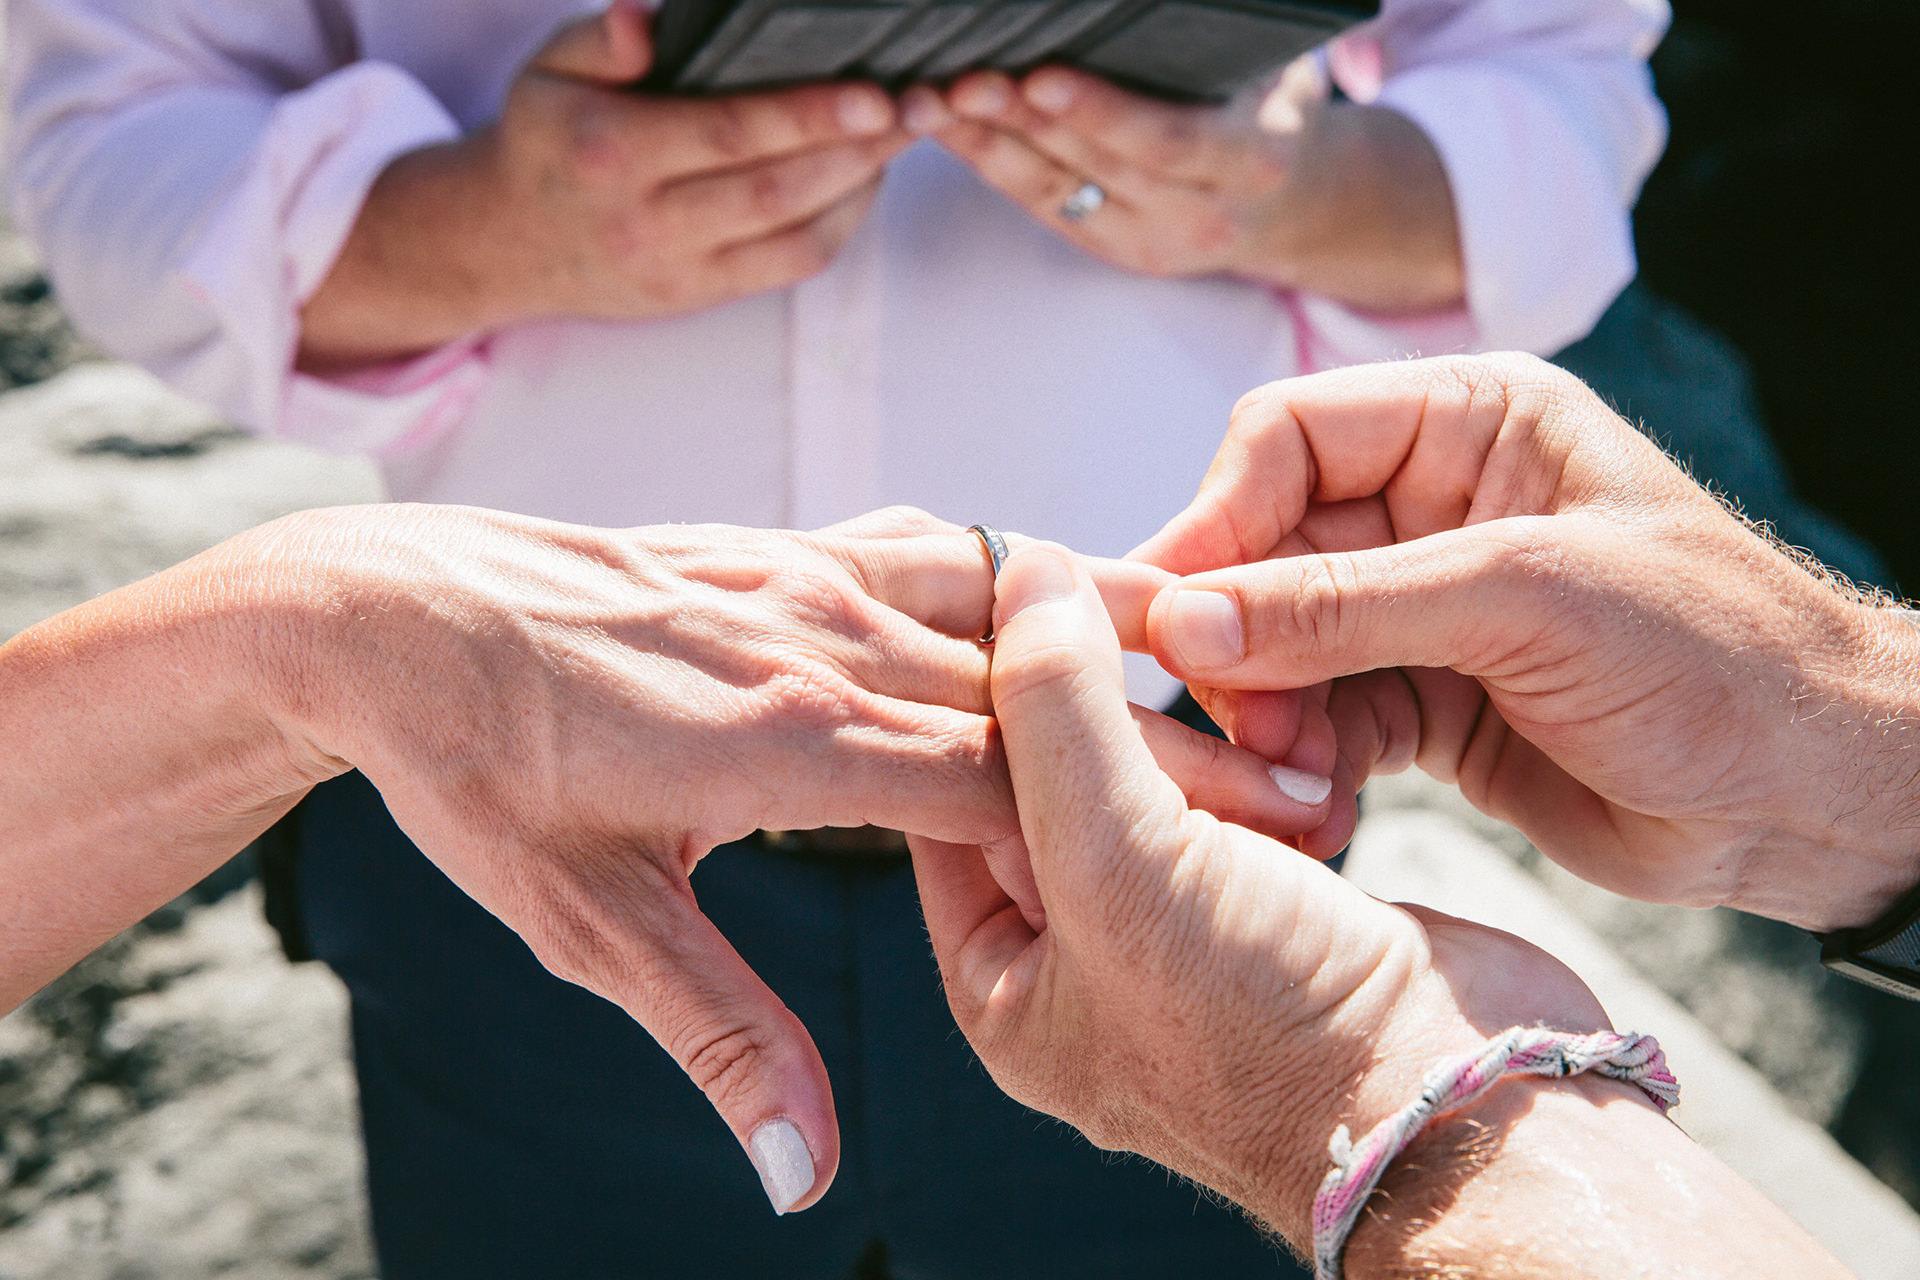 Cérémonie des anneaux de mariage de Vernazza - Italie Elopement Image détaillée | Les anneaux ont été échangés à la suite des vœux de mariage.